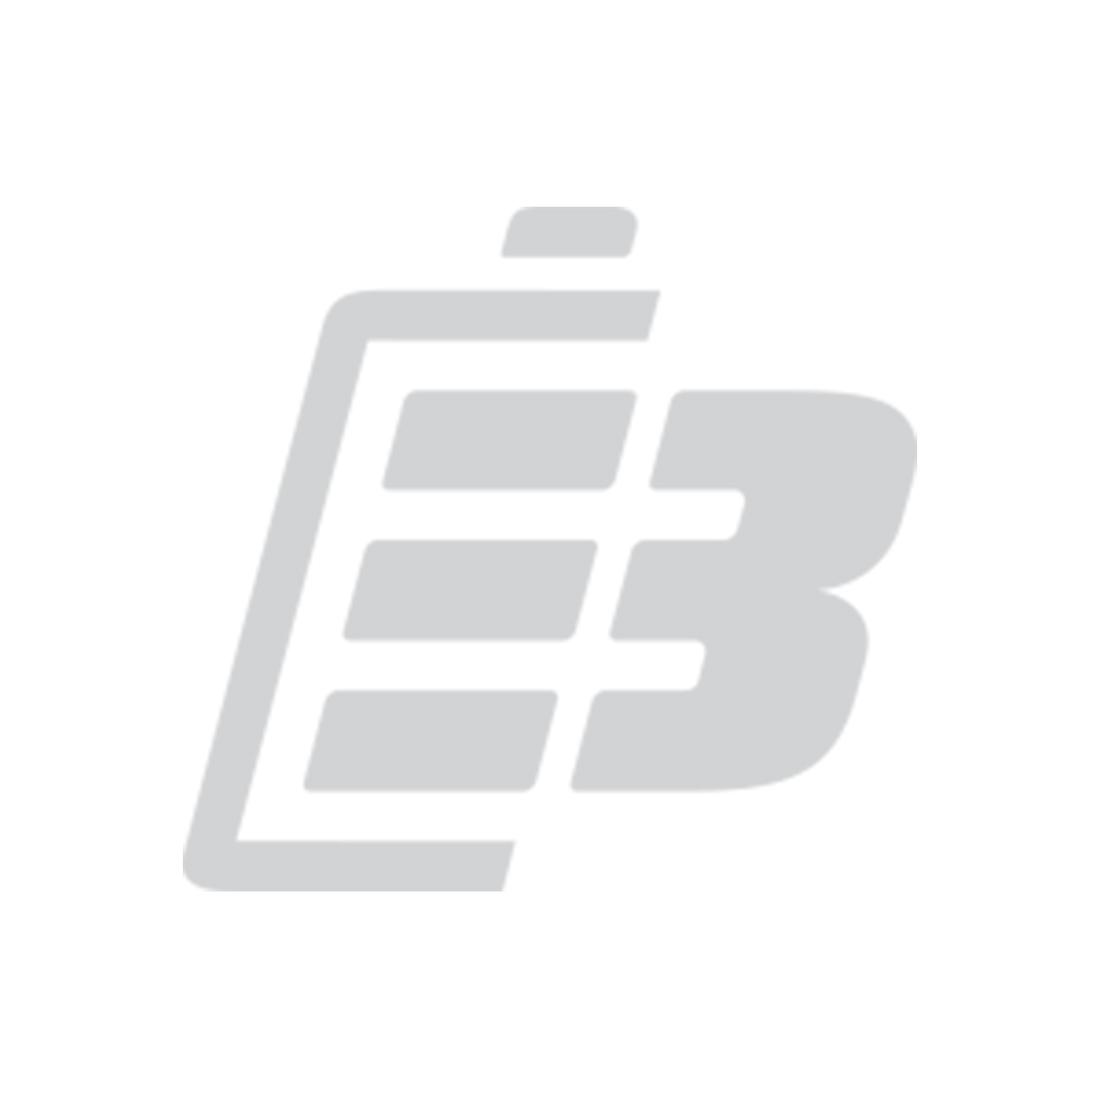 Fenix HL40R LED Headlamp Grey 1